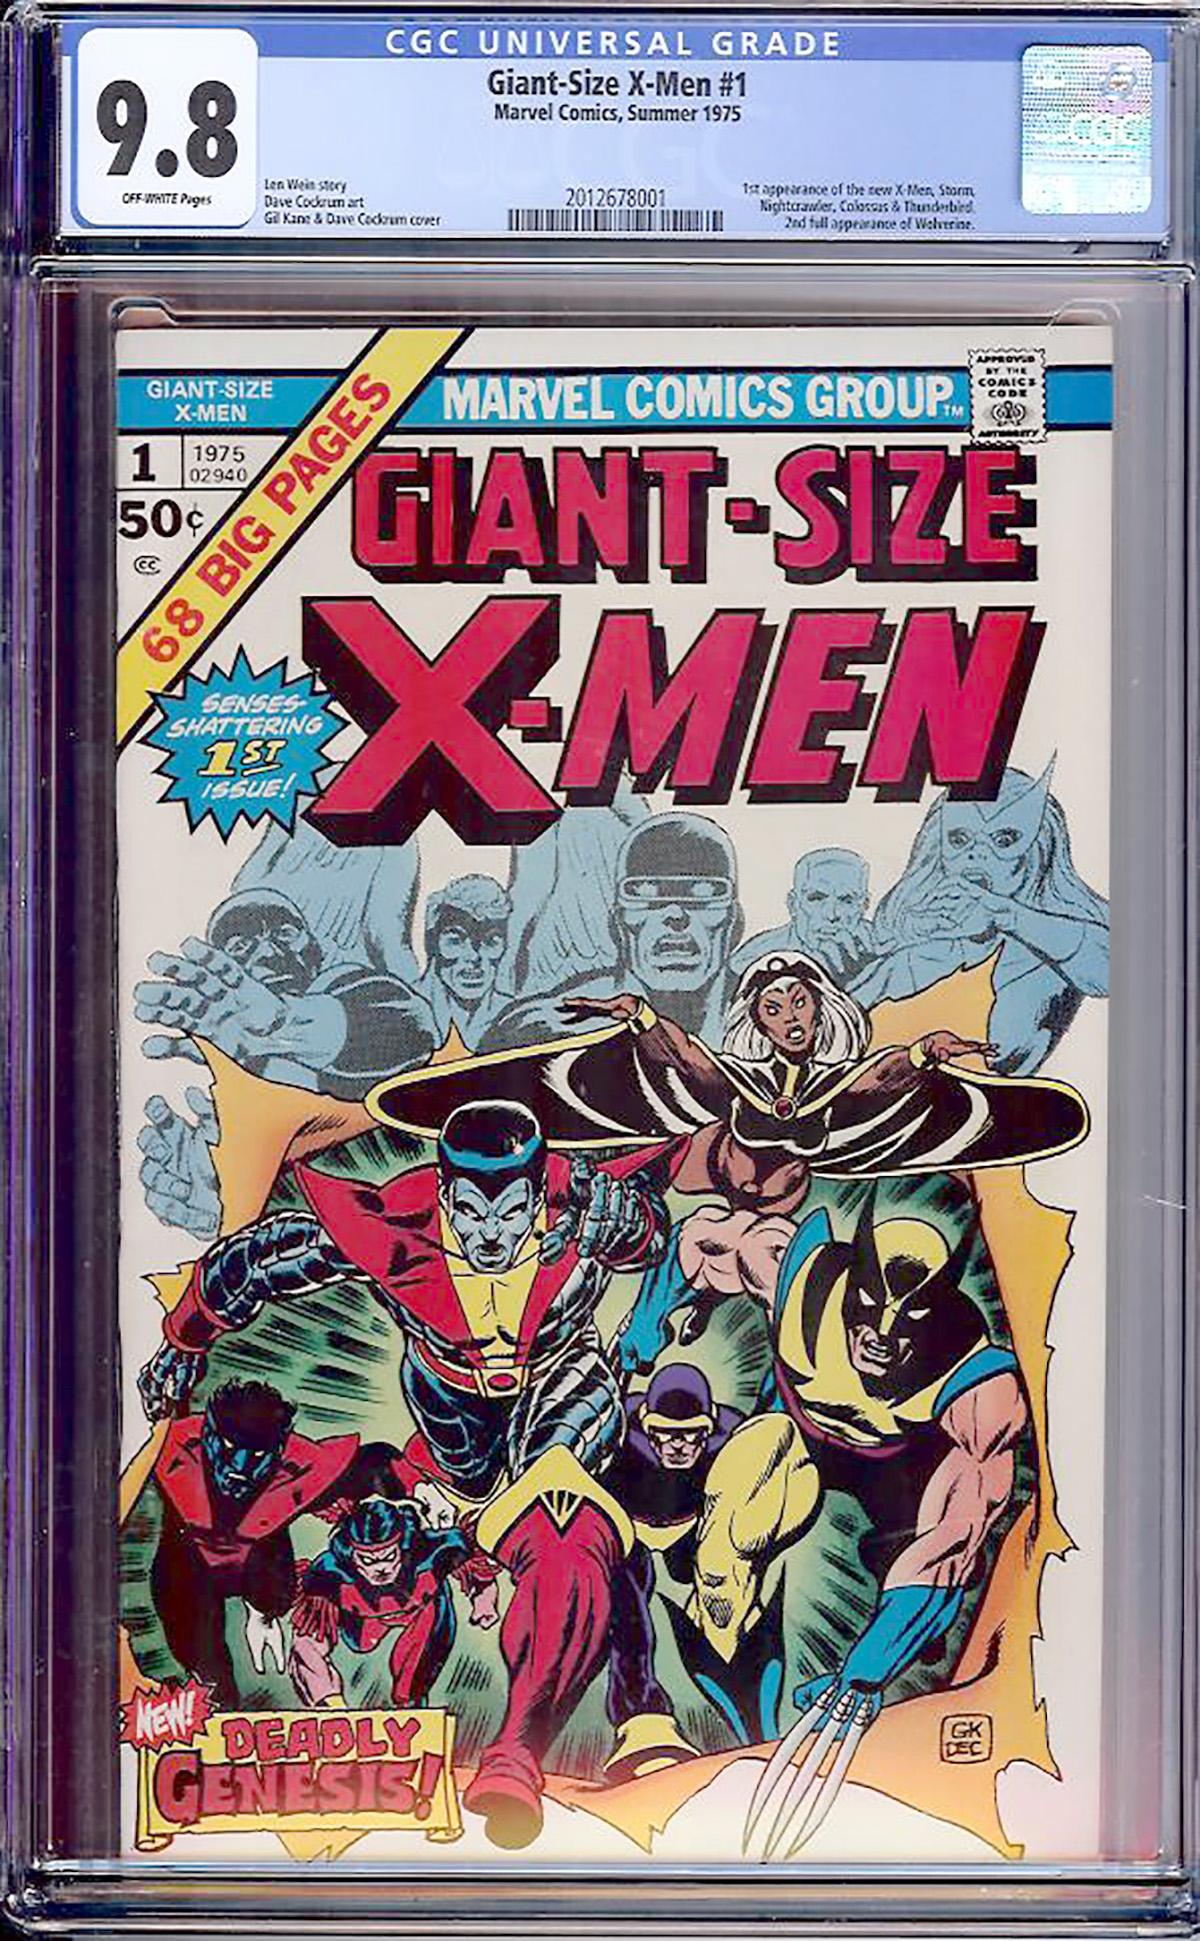 Giant-Size X-Men #1 CGC 9.8 ow